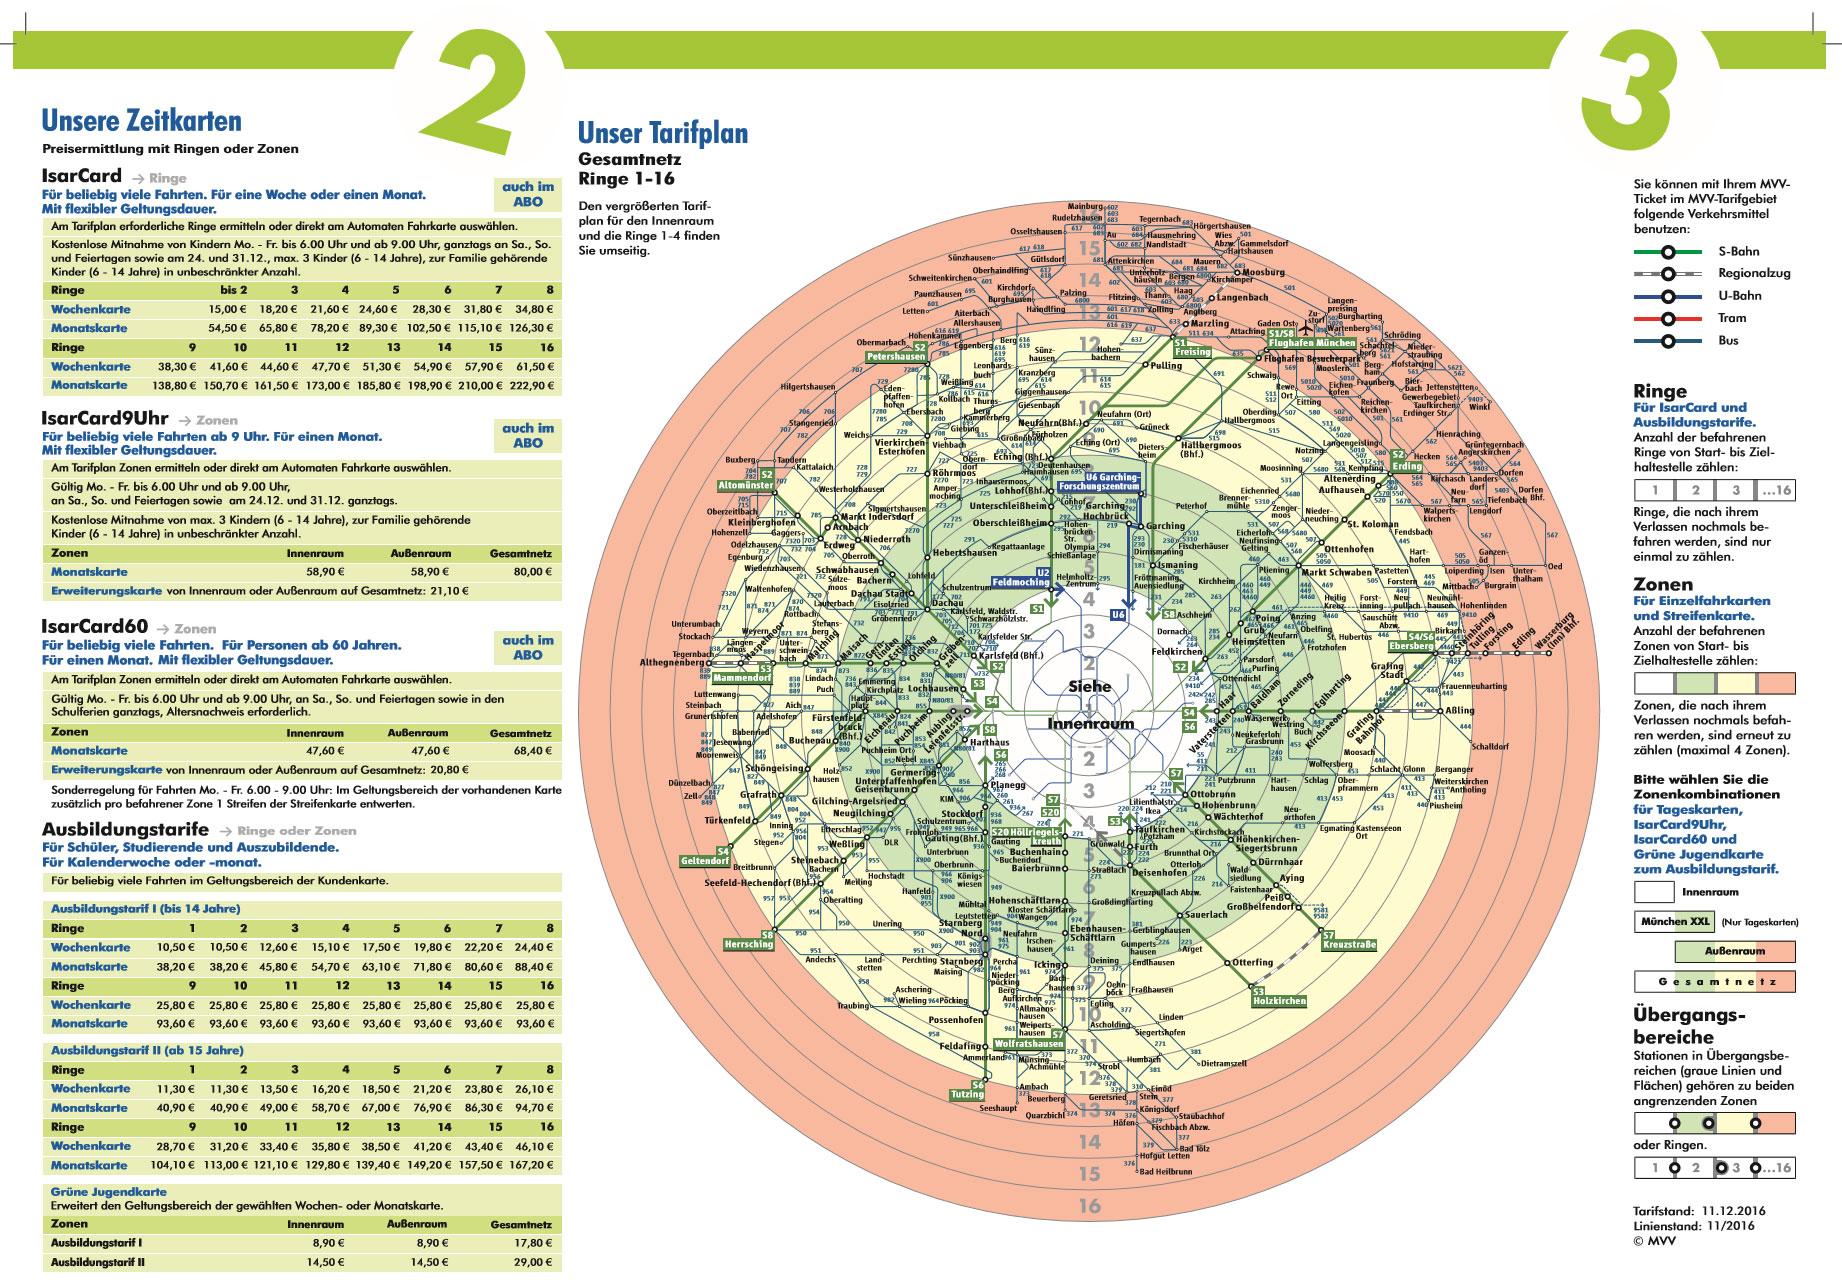 Der Tarifplan von München ist für Uneingeweihte kaum verständlich (Quelle: MVV).